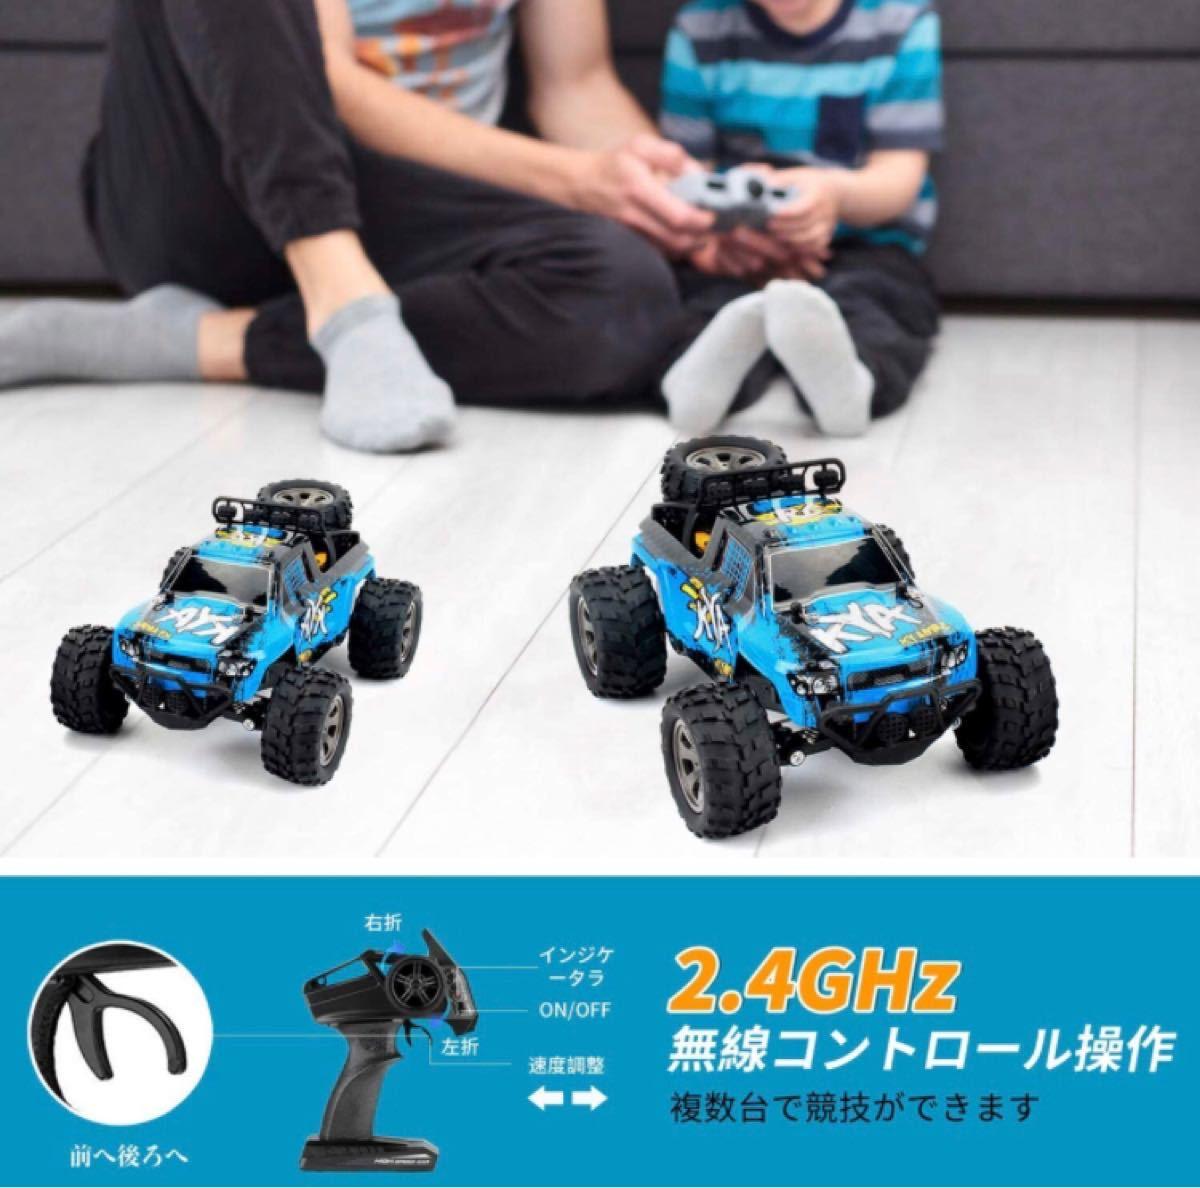 ラジコンカー リモコンカー RCカーオフロード 2WD 2.4GHz無線操作